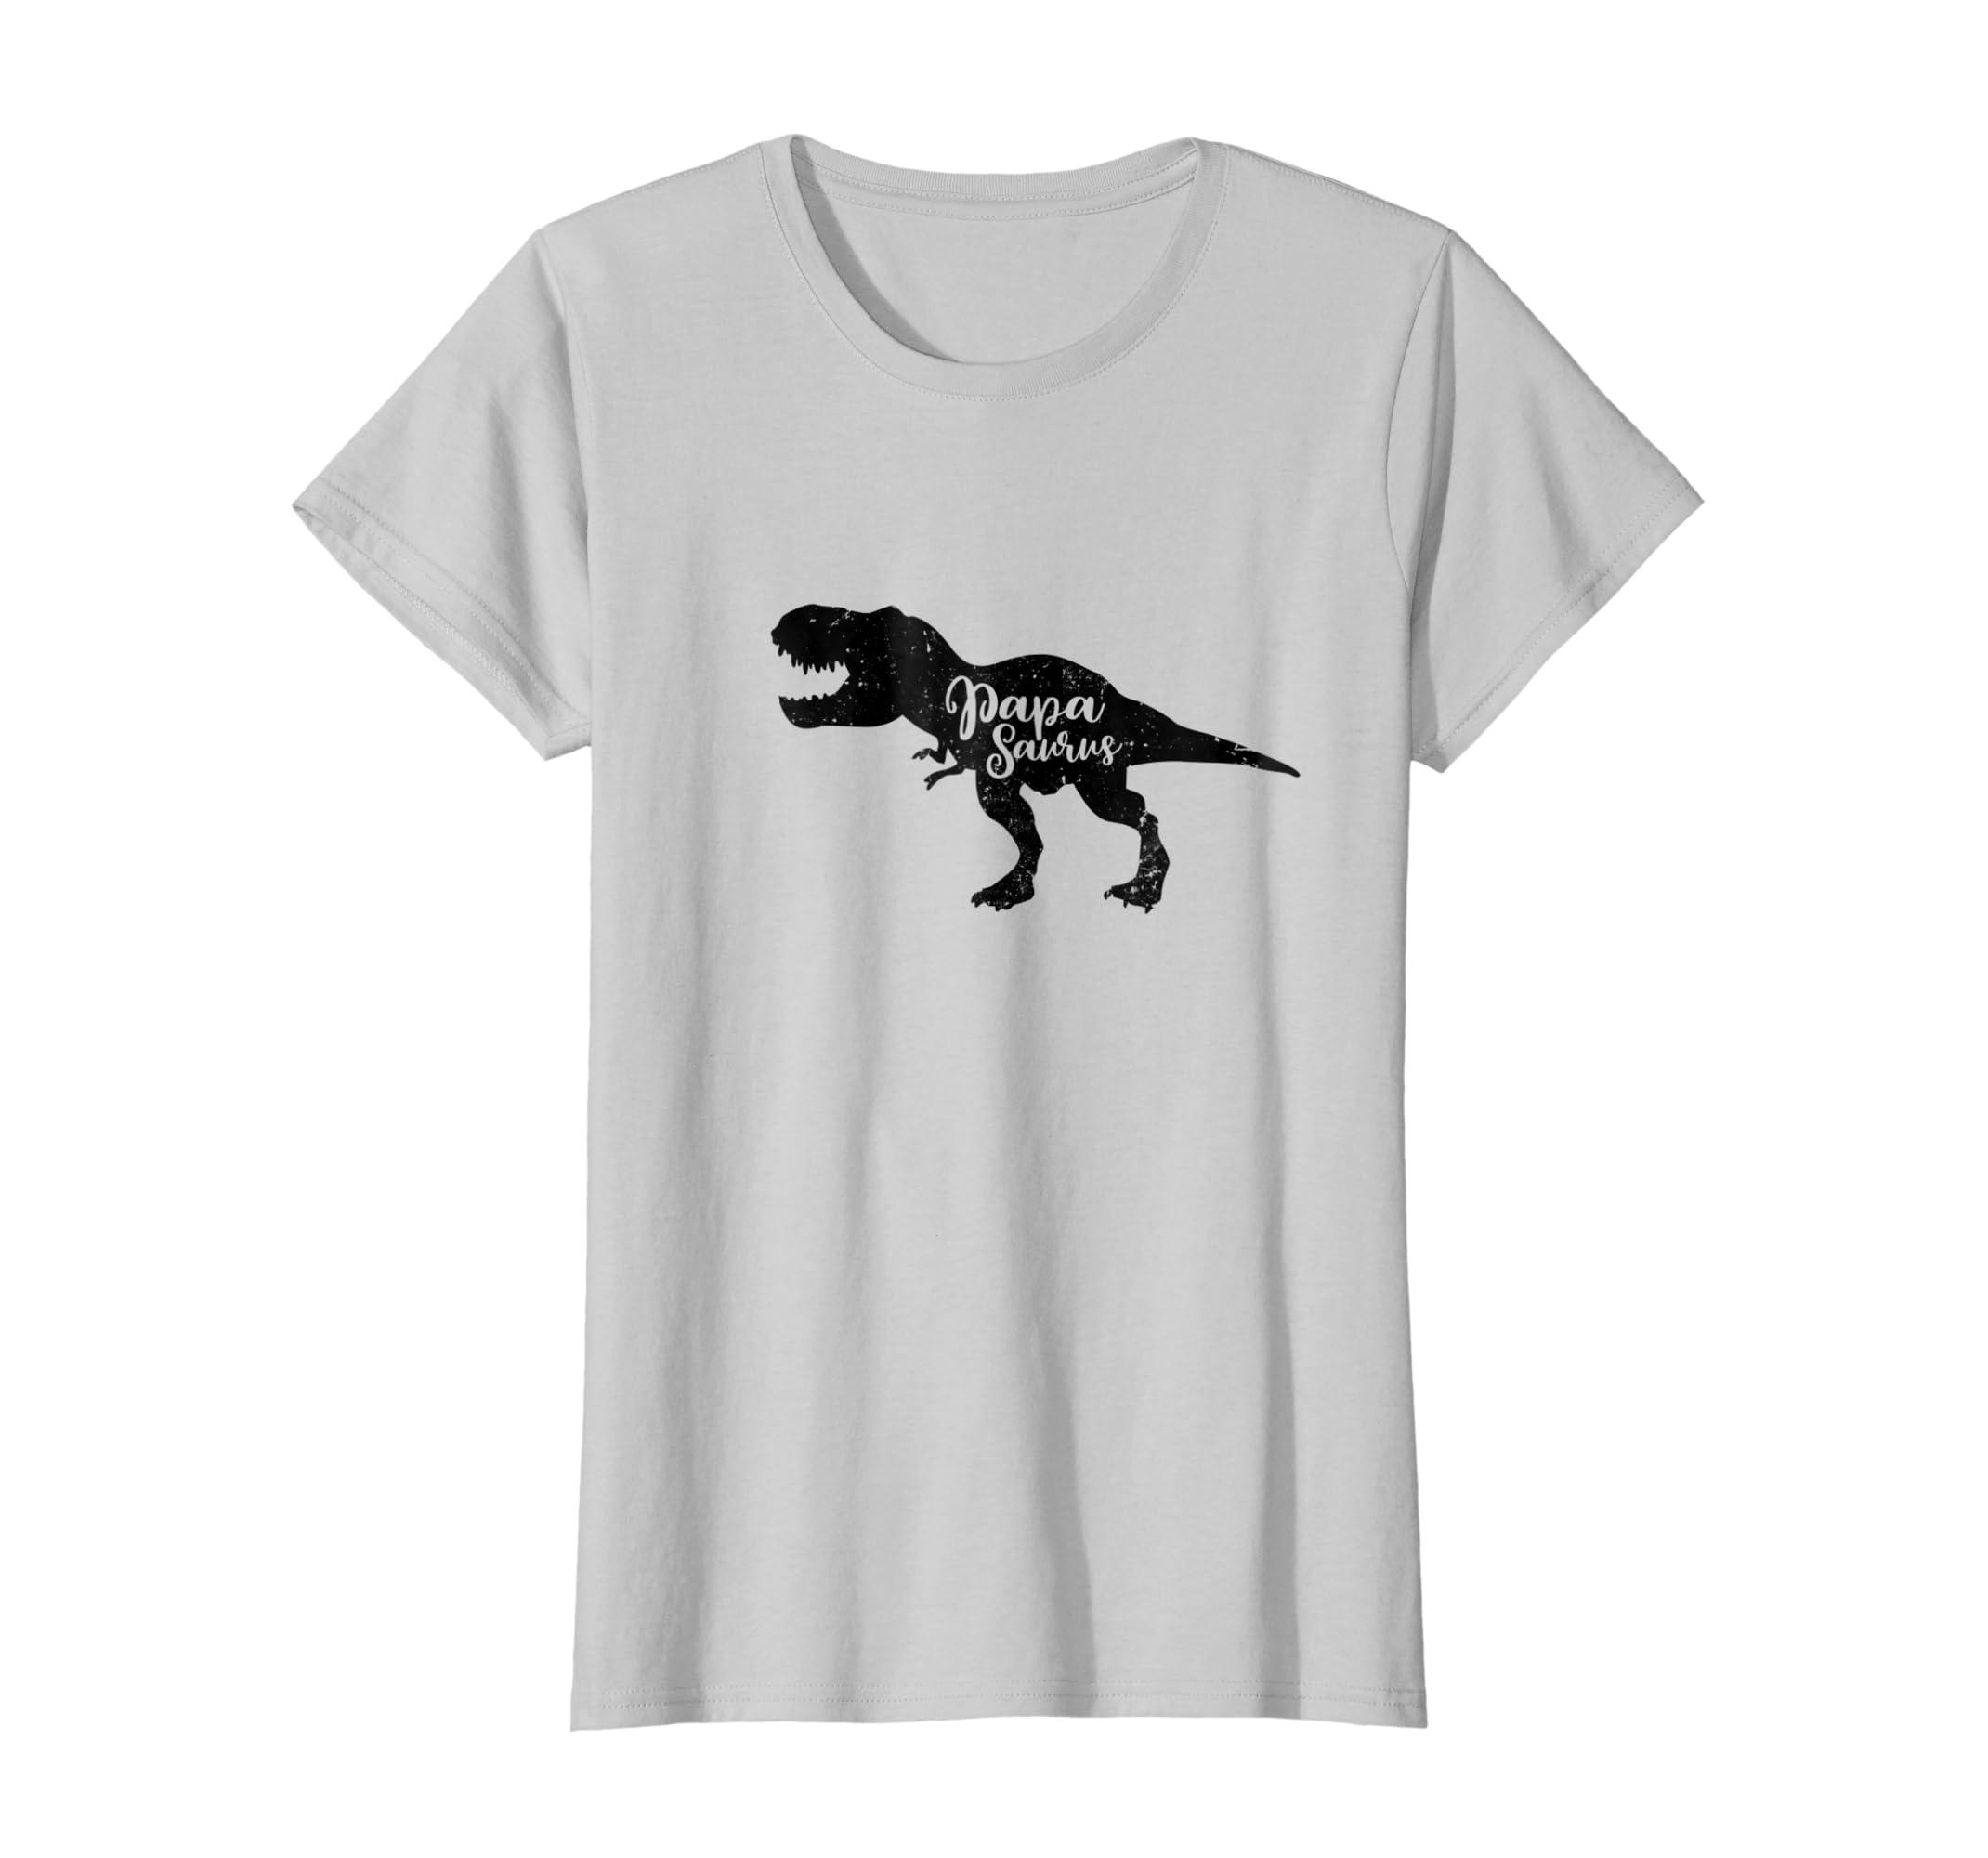 b6c054b3 Amazon.com: Papasaurus Rex Funny Dad Dinosaur Retro Fathers Day T Shirt:  Clothing